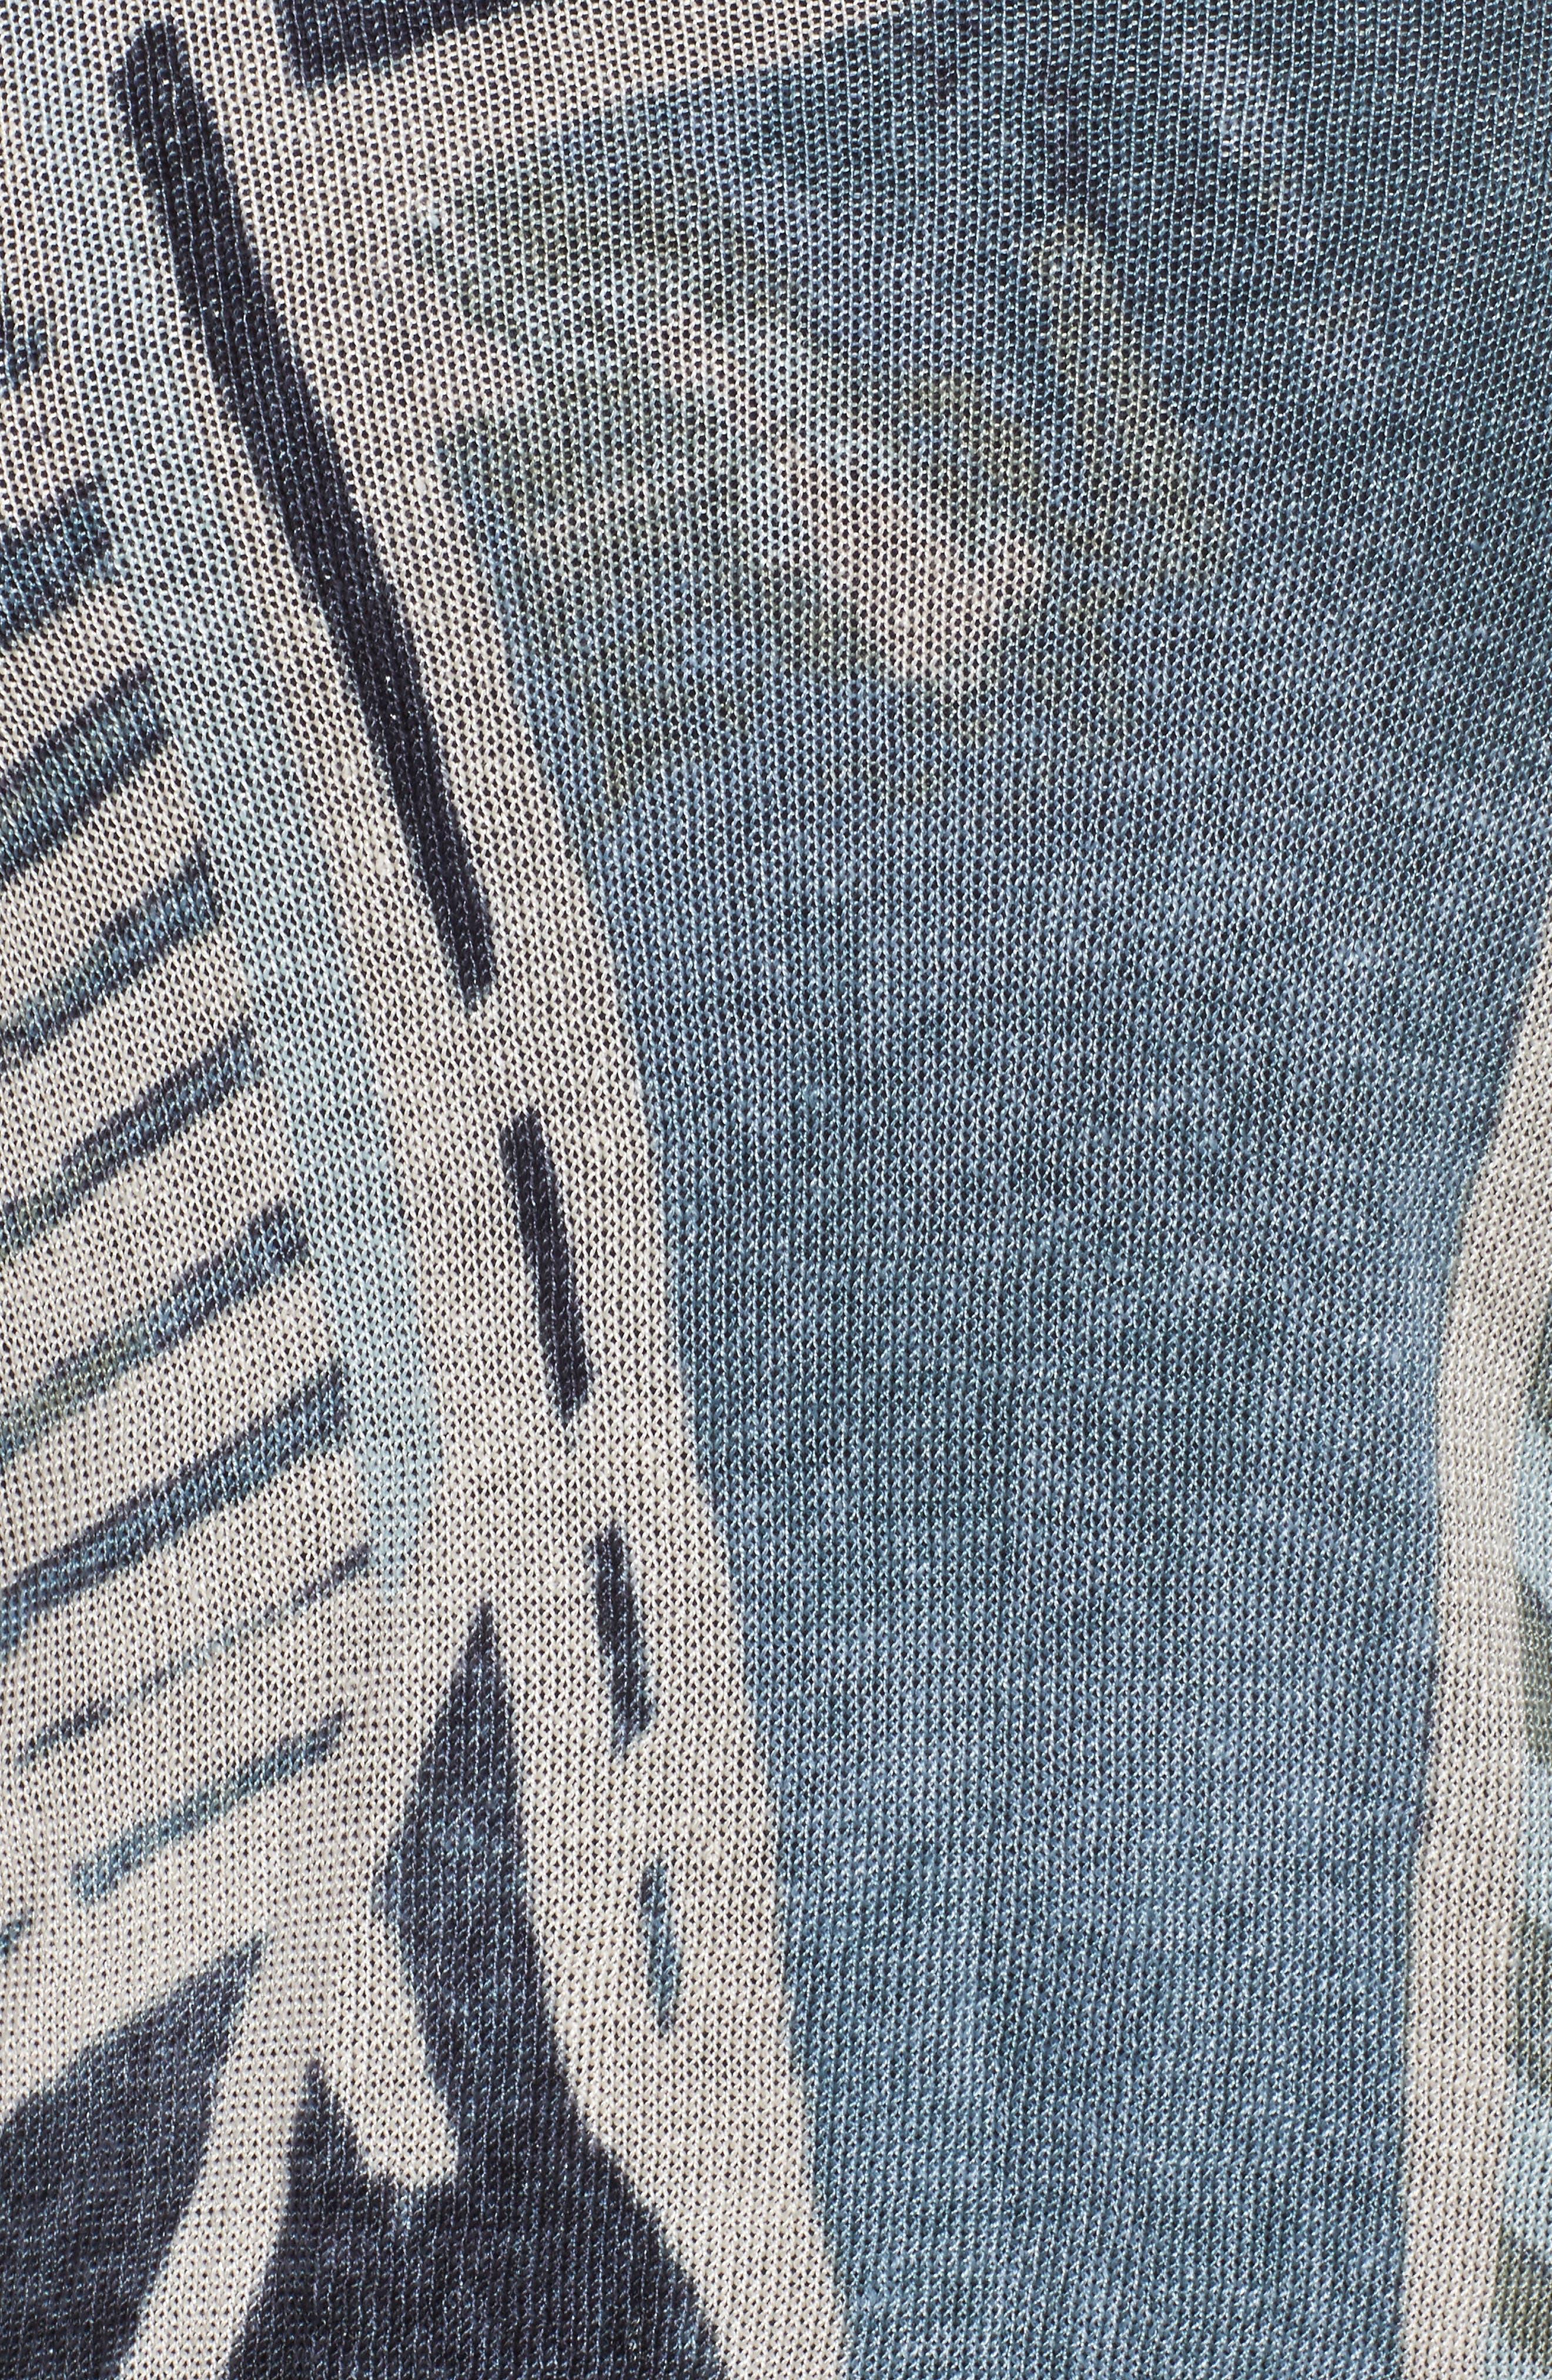 Shore Pine Cardigan,                             Alternate thumbnail 5, color,                             Multi